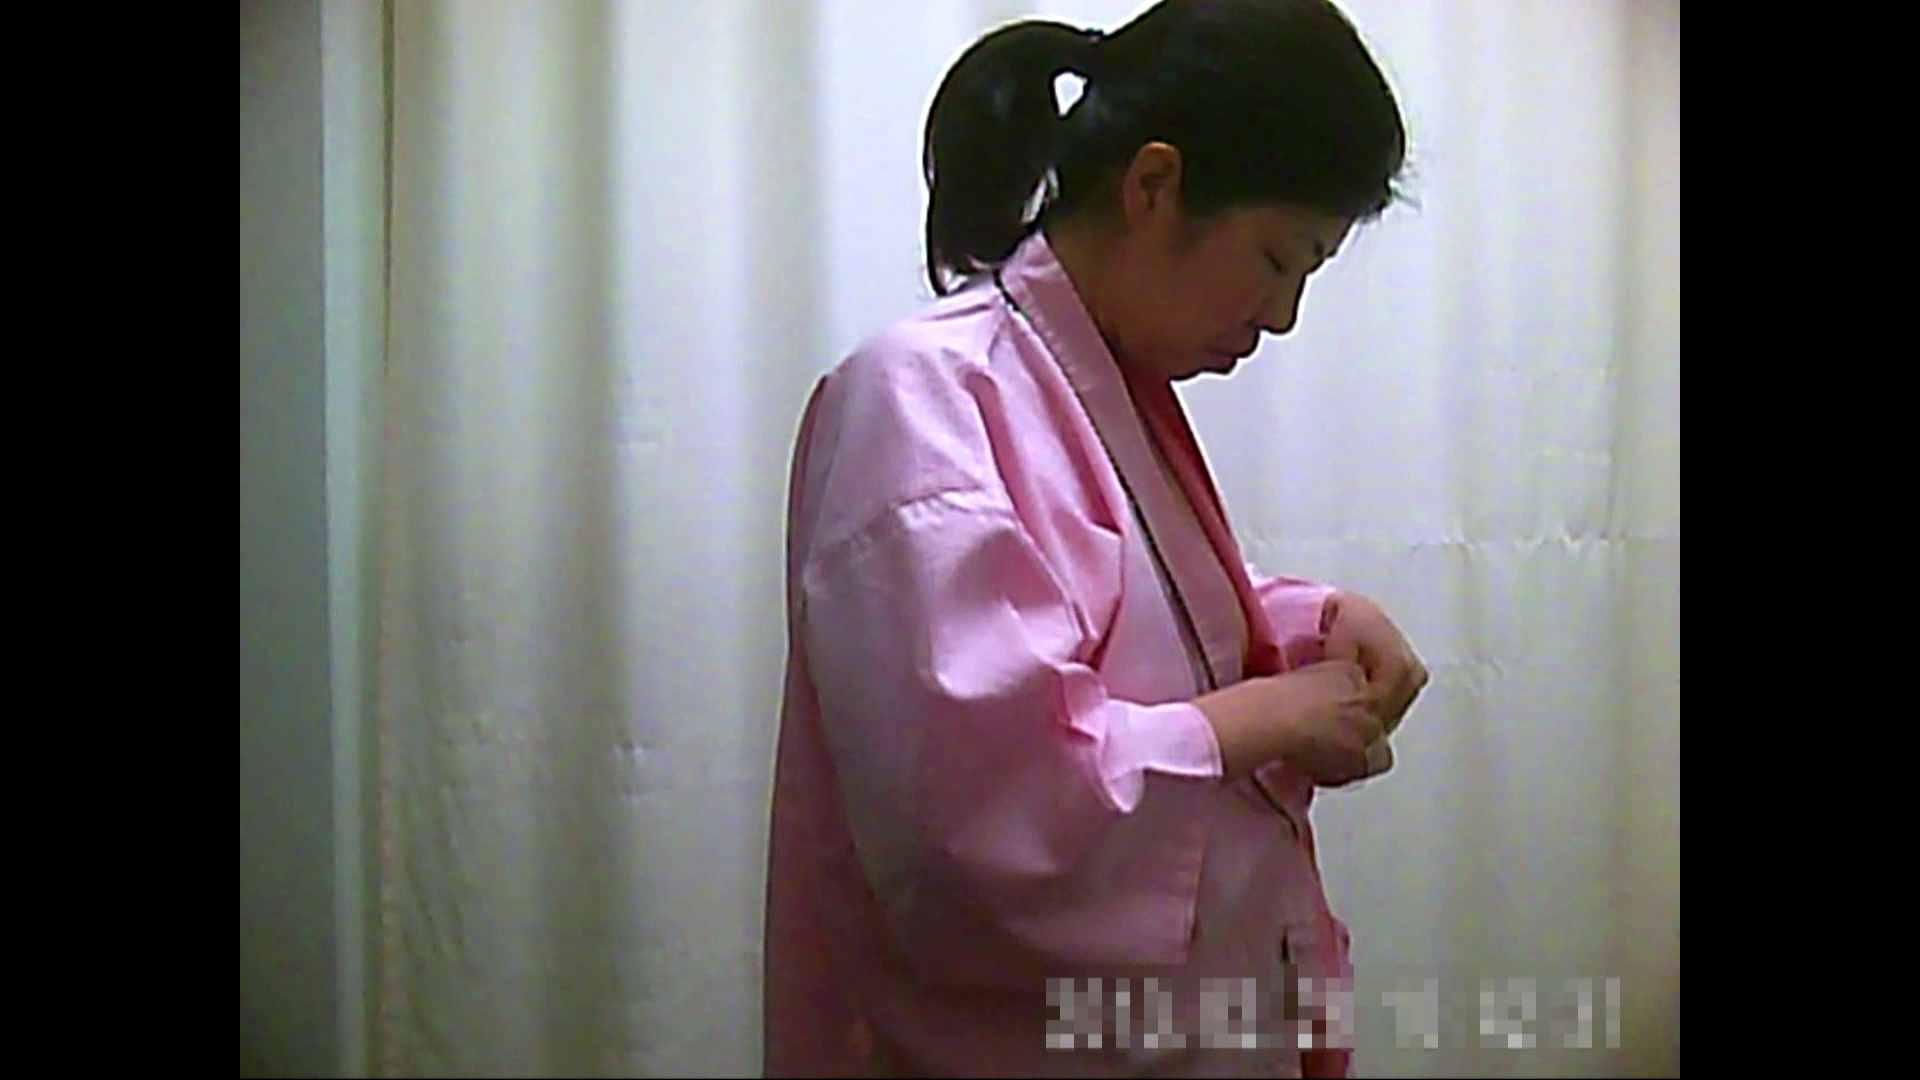 元医者による反抗 更衣室地獄絵巻 vol.103 OLハメ撮り  89Pix 23